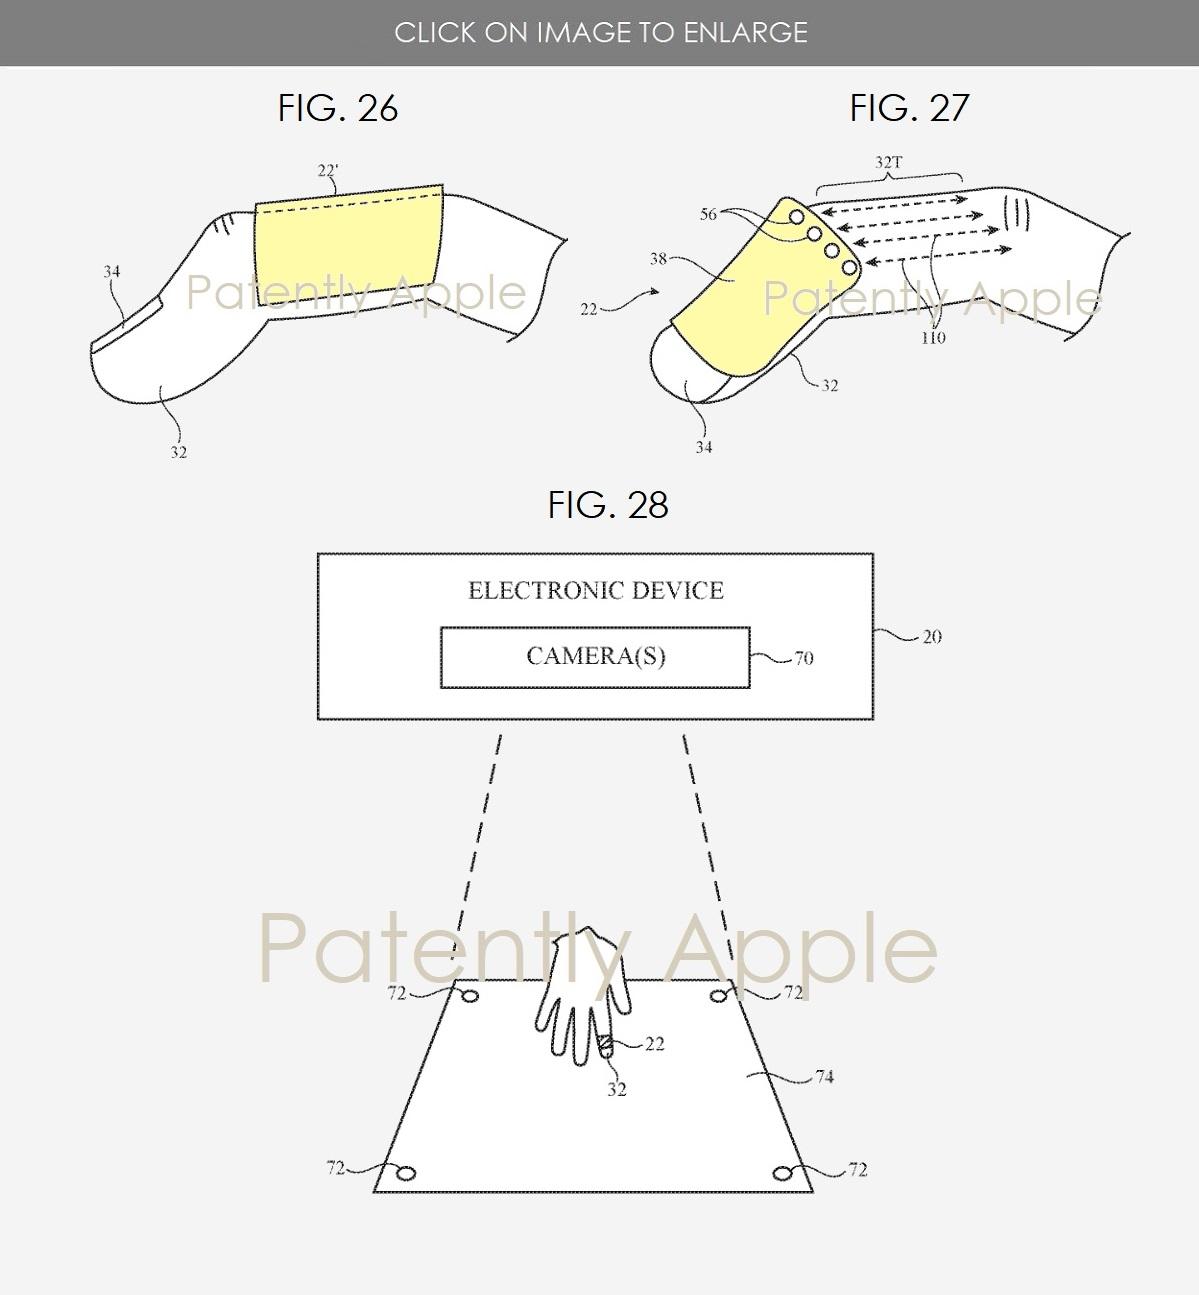 Un accessorio Apple da fissare al dito per controllare visori AR/VR